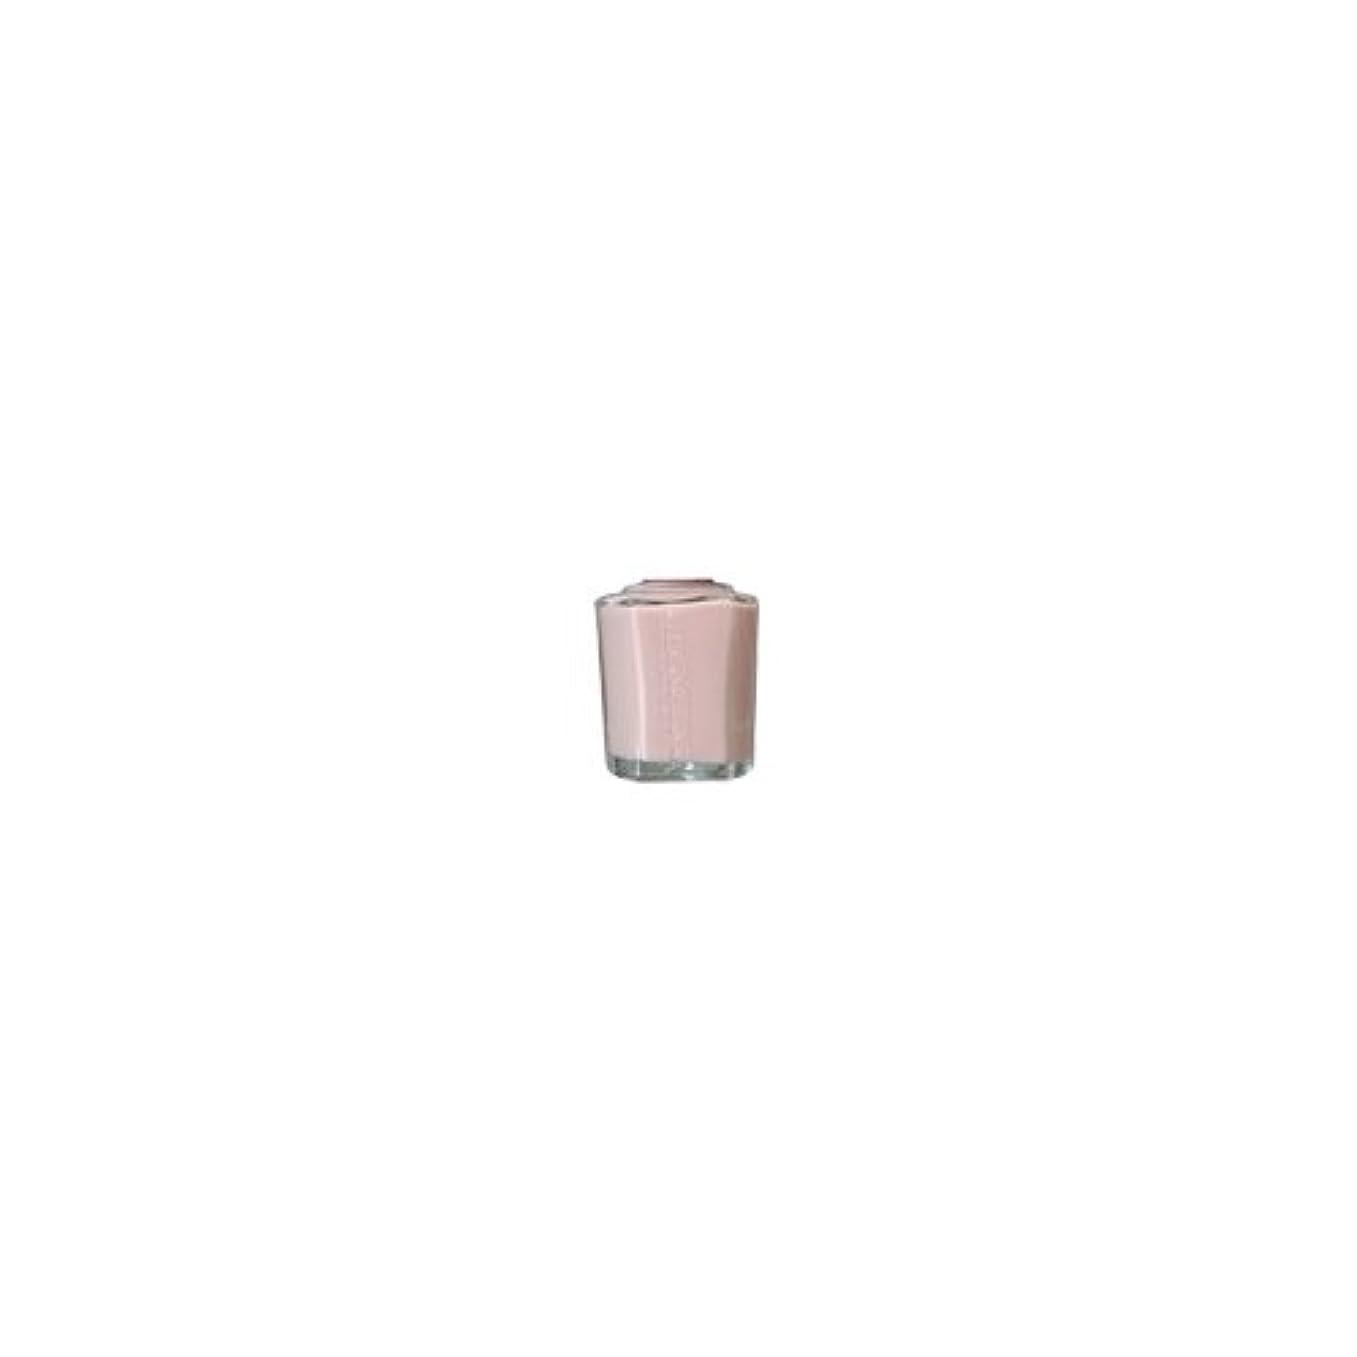 ガラスパッド相反するSHAREYDVA(シャレドワ) シャレドワカラー 〔15ml〕<BR>No.92 アンティークベージュ